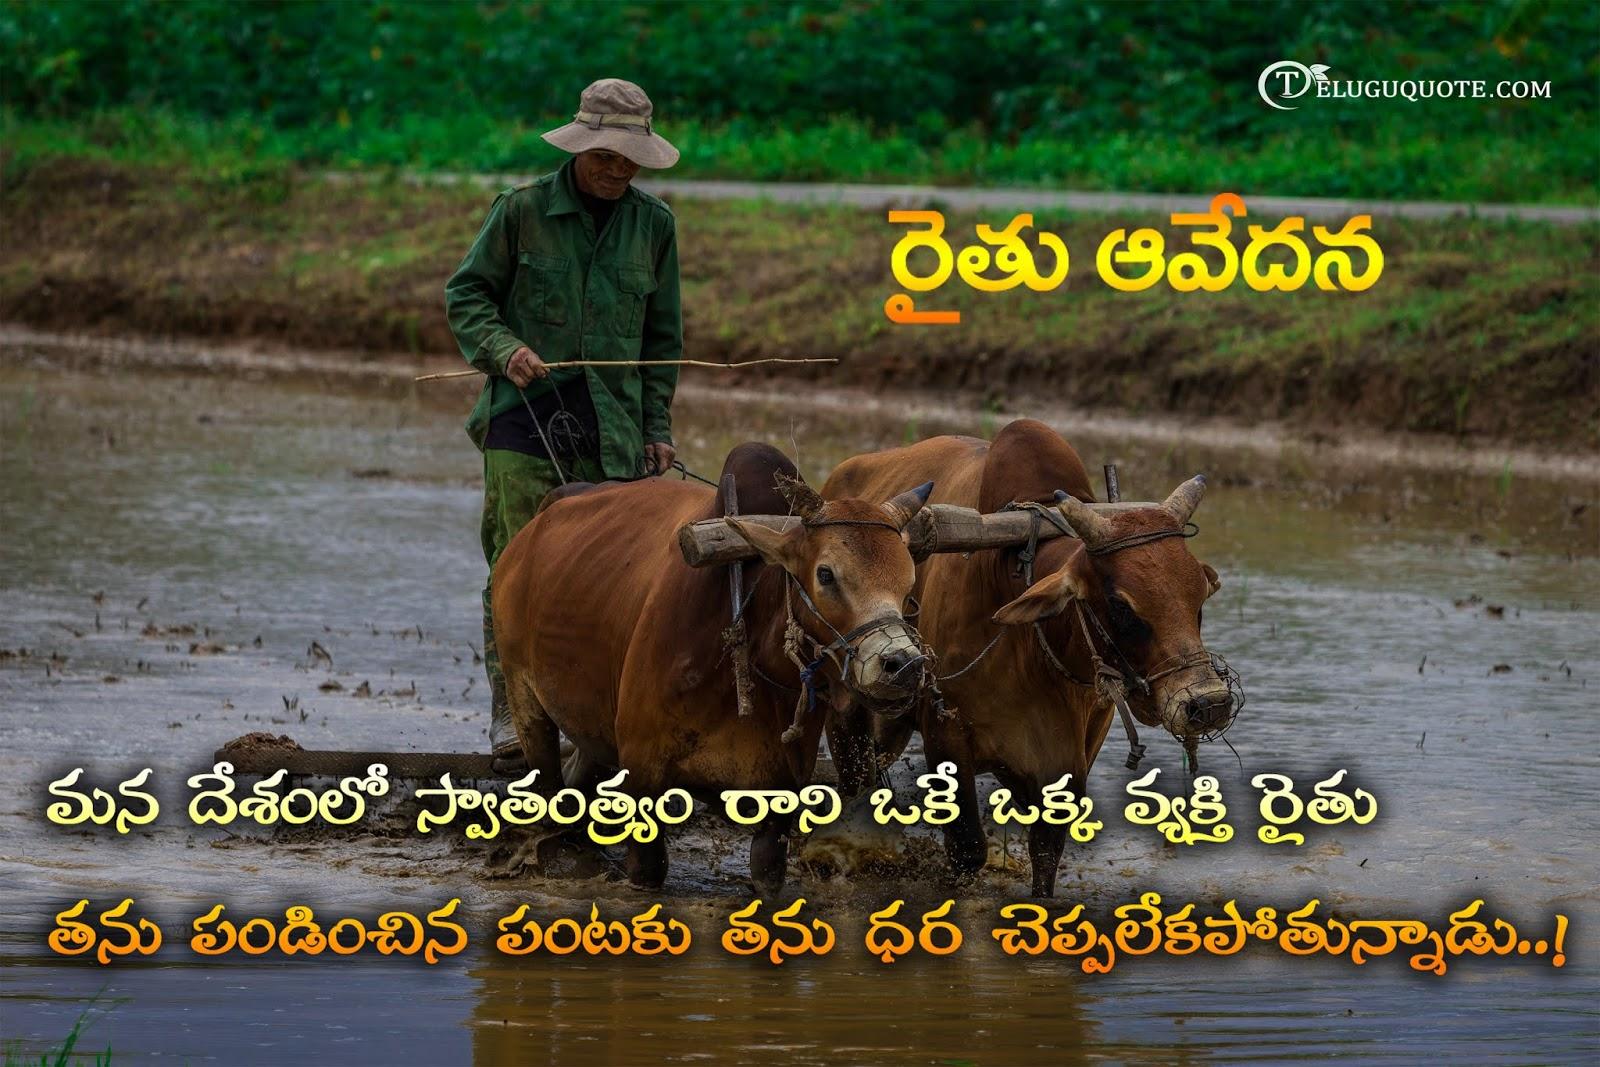 Farmer Quotes | Sad Farmers Quotes In Telugu Telugu Quotes